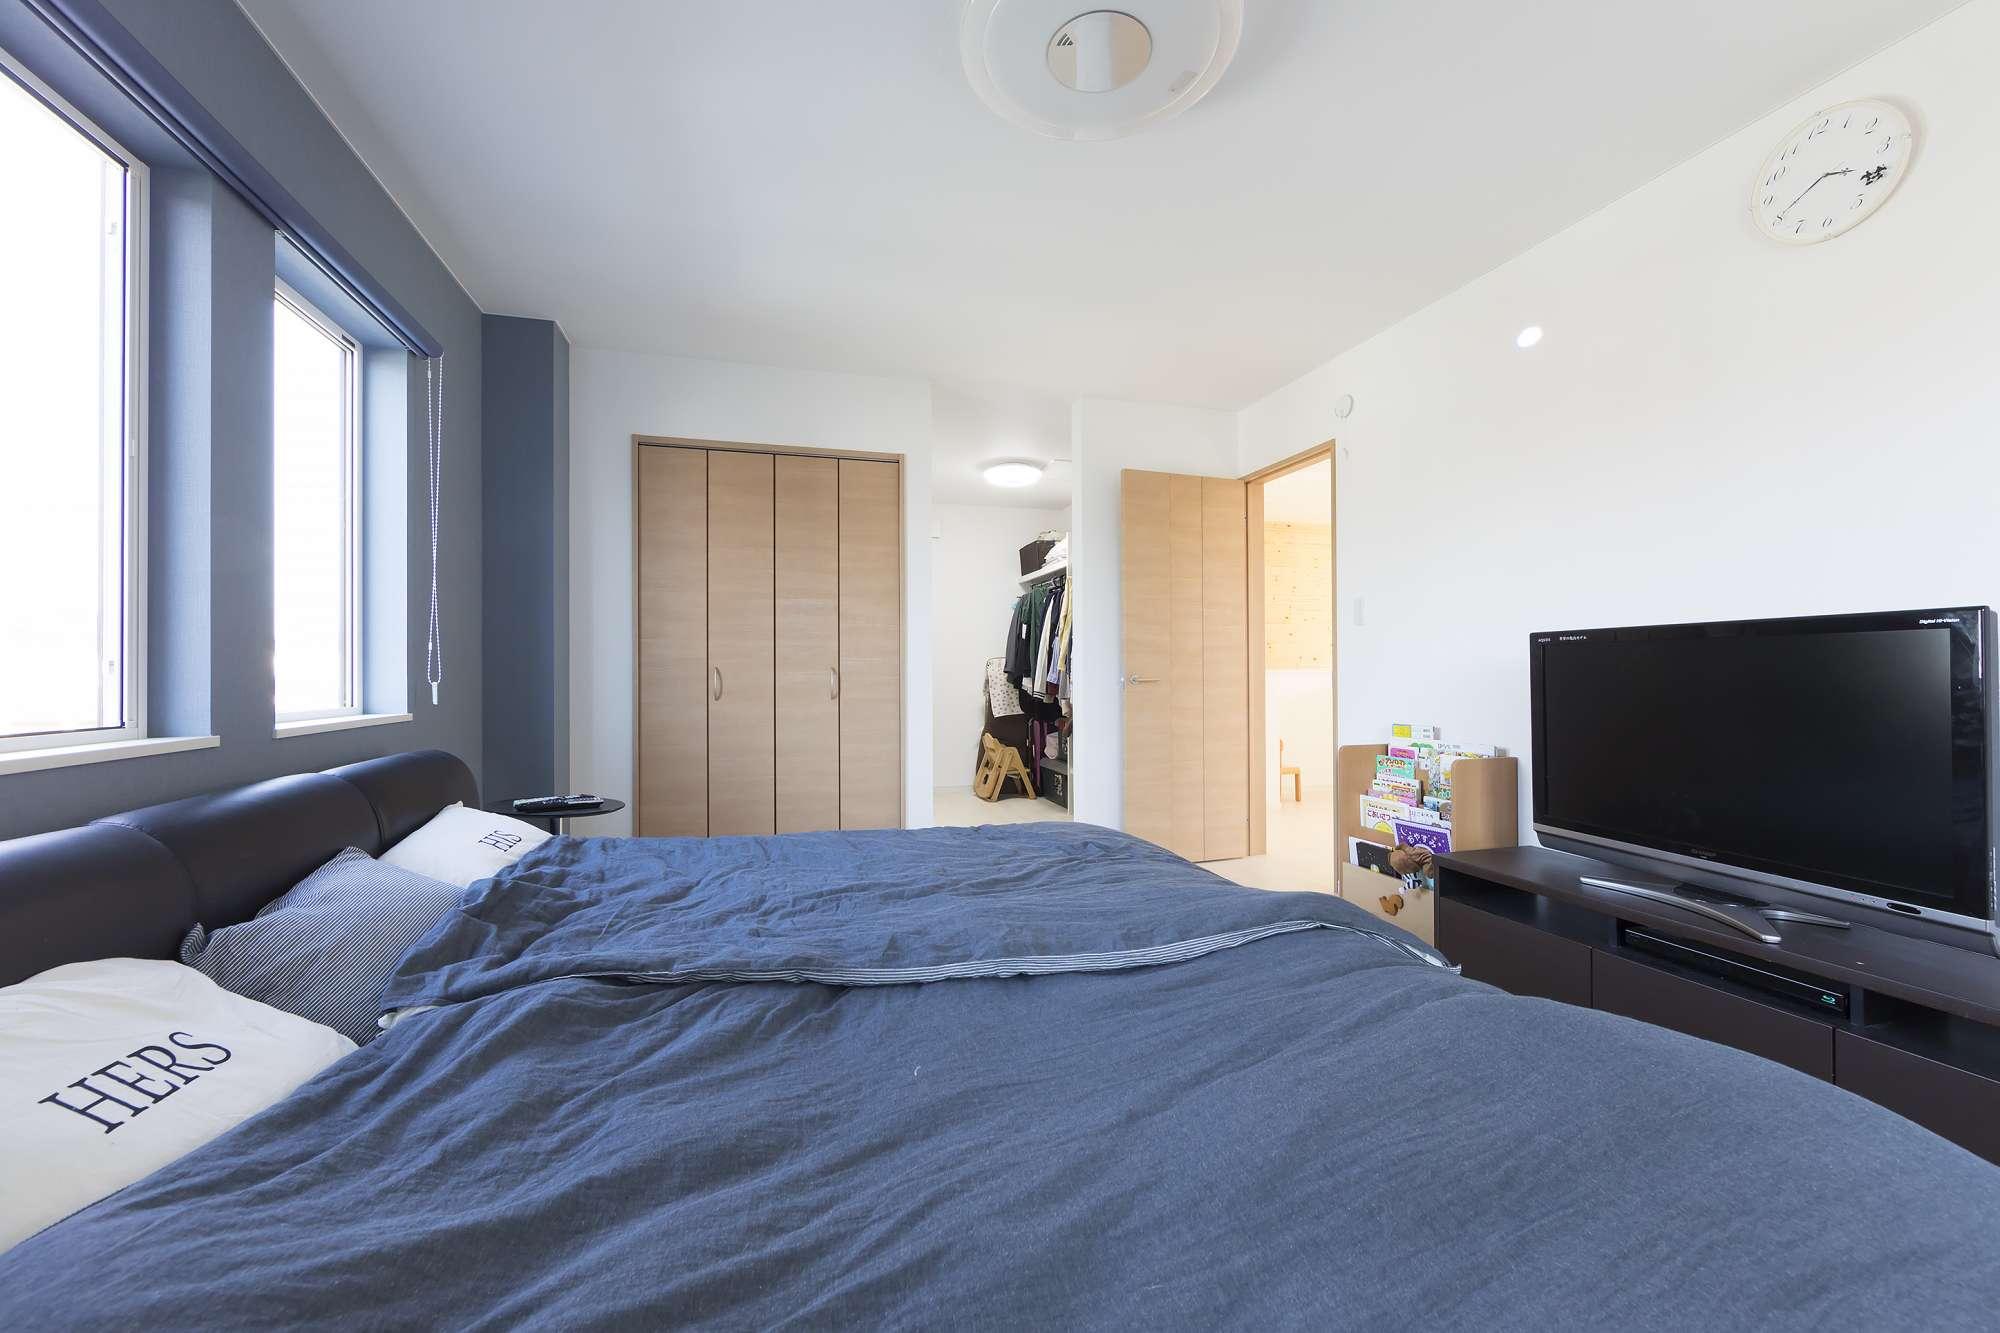 寝室 - 寝室のウォークインクロゼットには服や小物、旅行カバンも収納できて、目的のモノを取り出しやすいワードローブつき。ブルーのアクセントクロスで、落ち着いた印象に。 -  -